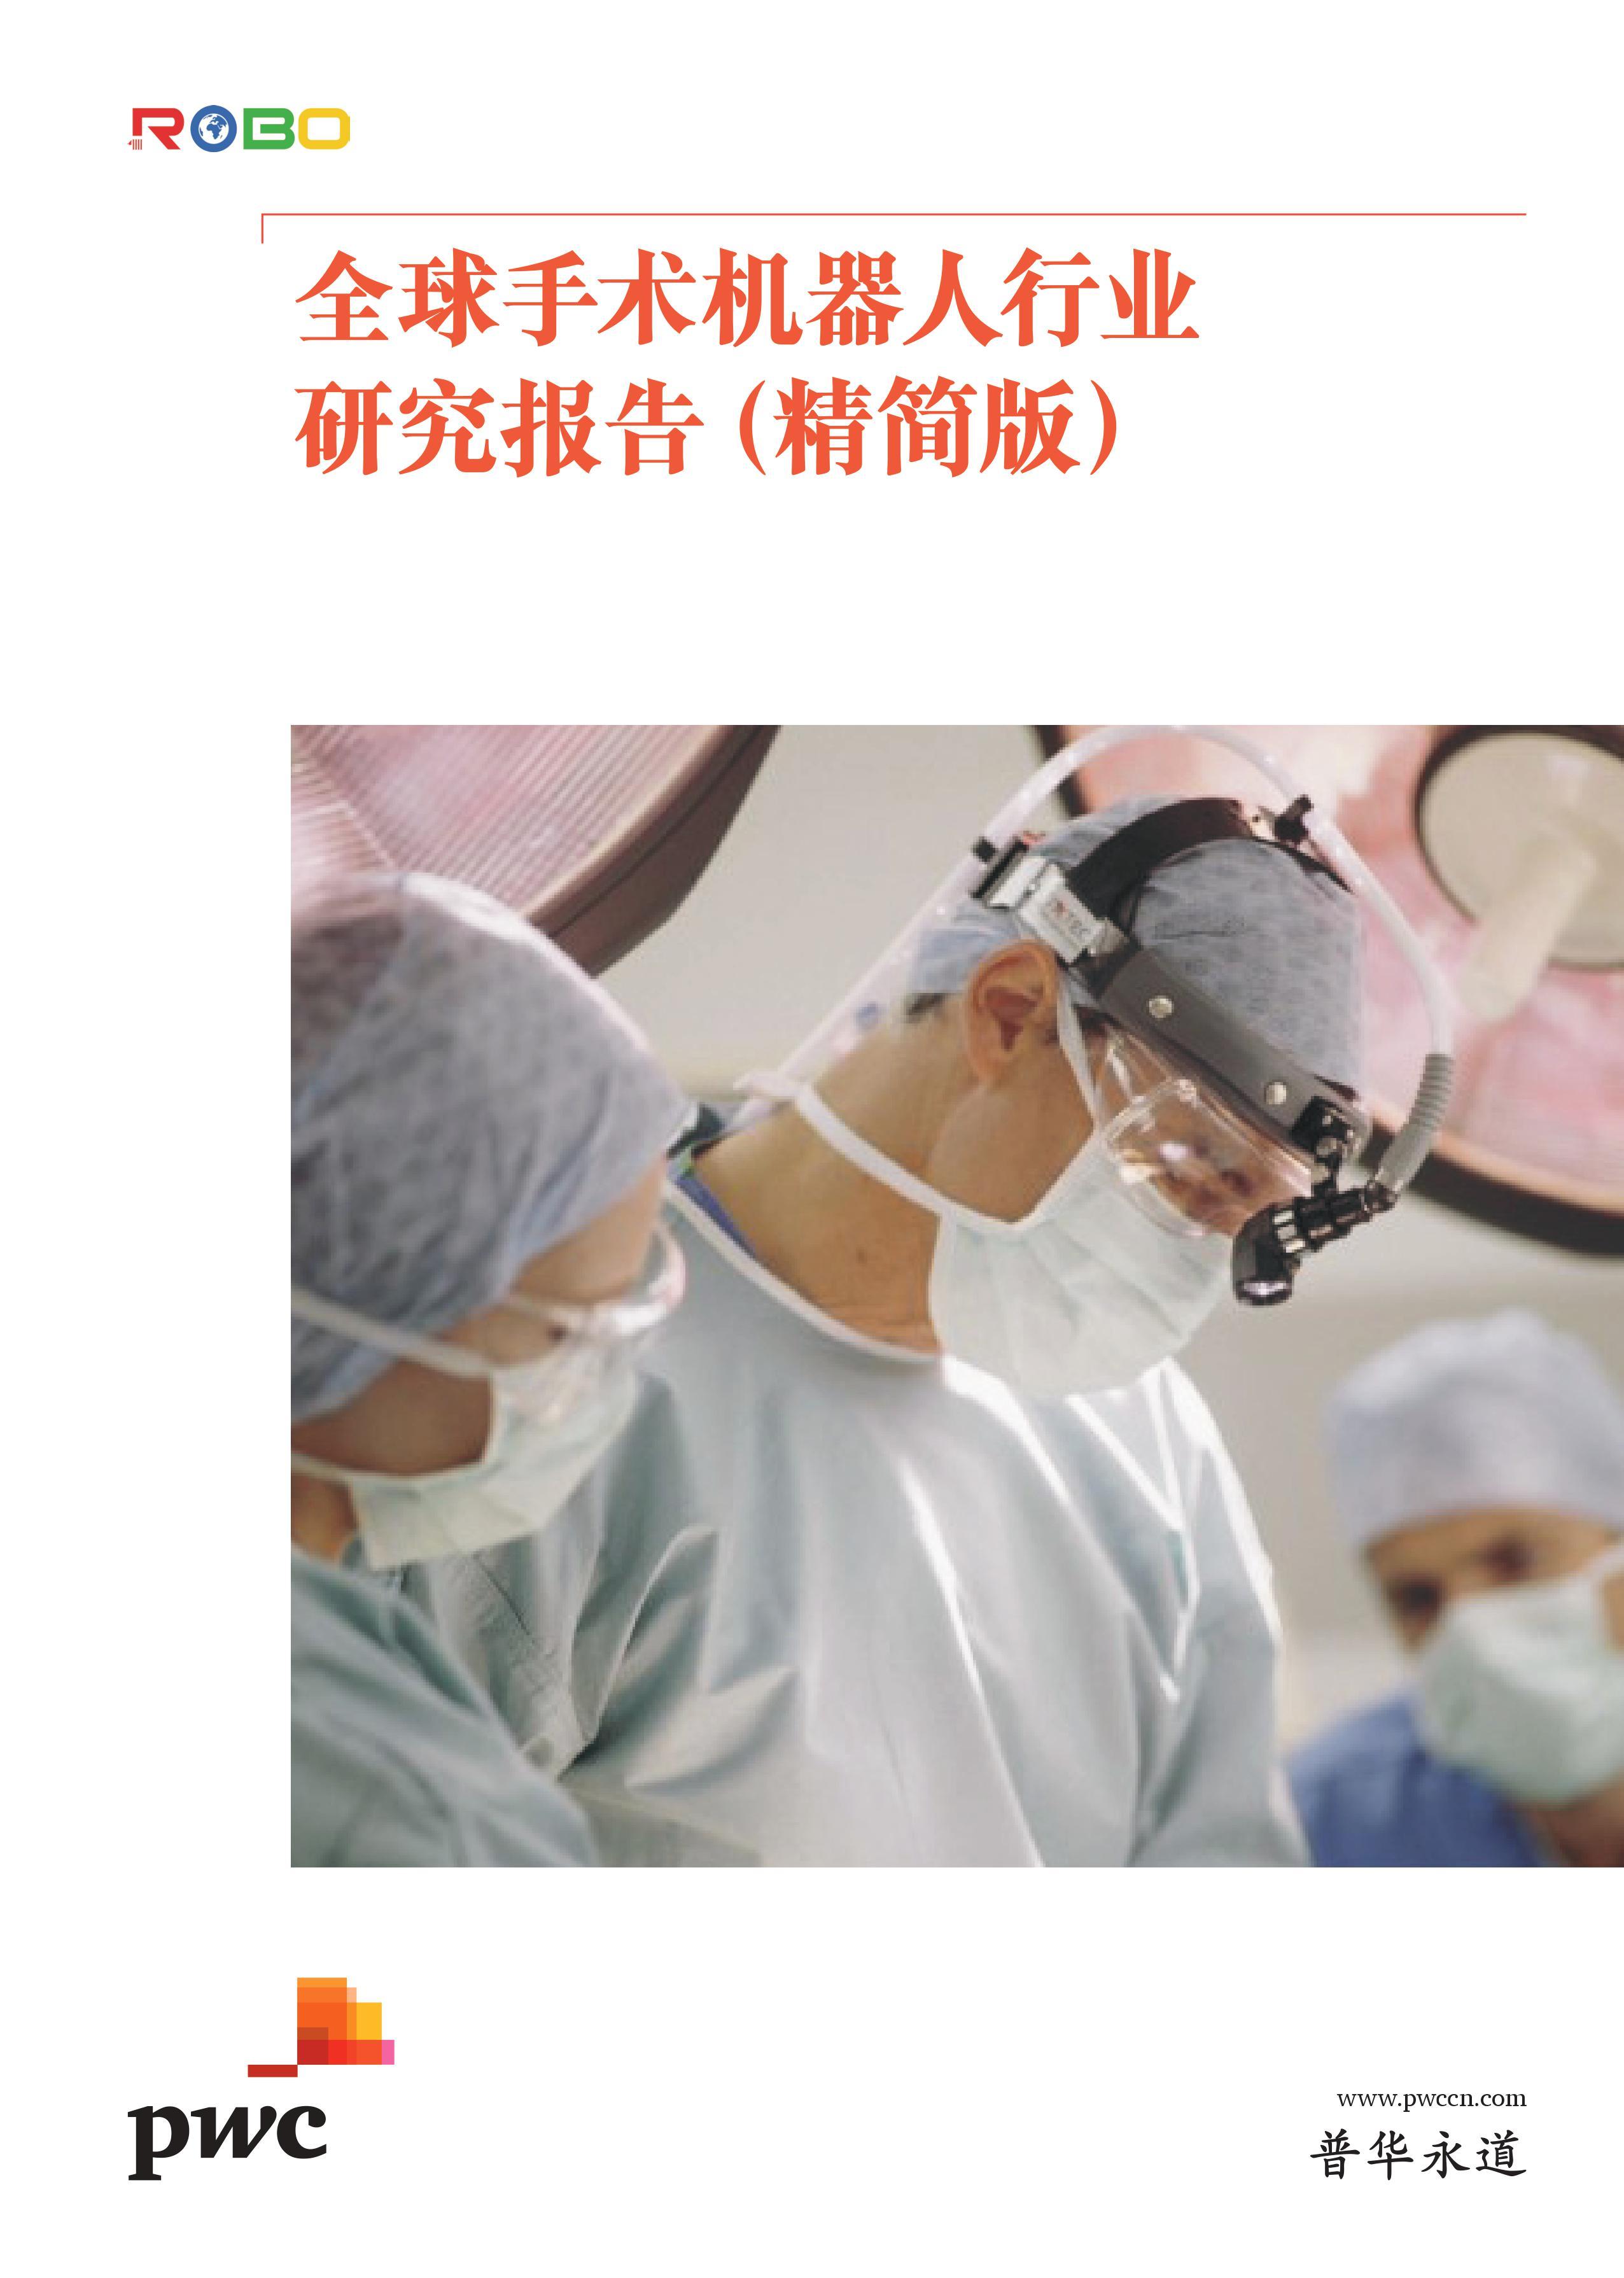 全球手术机器人行业研究报告(精简版)